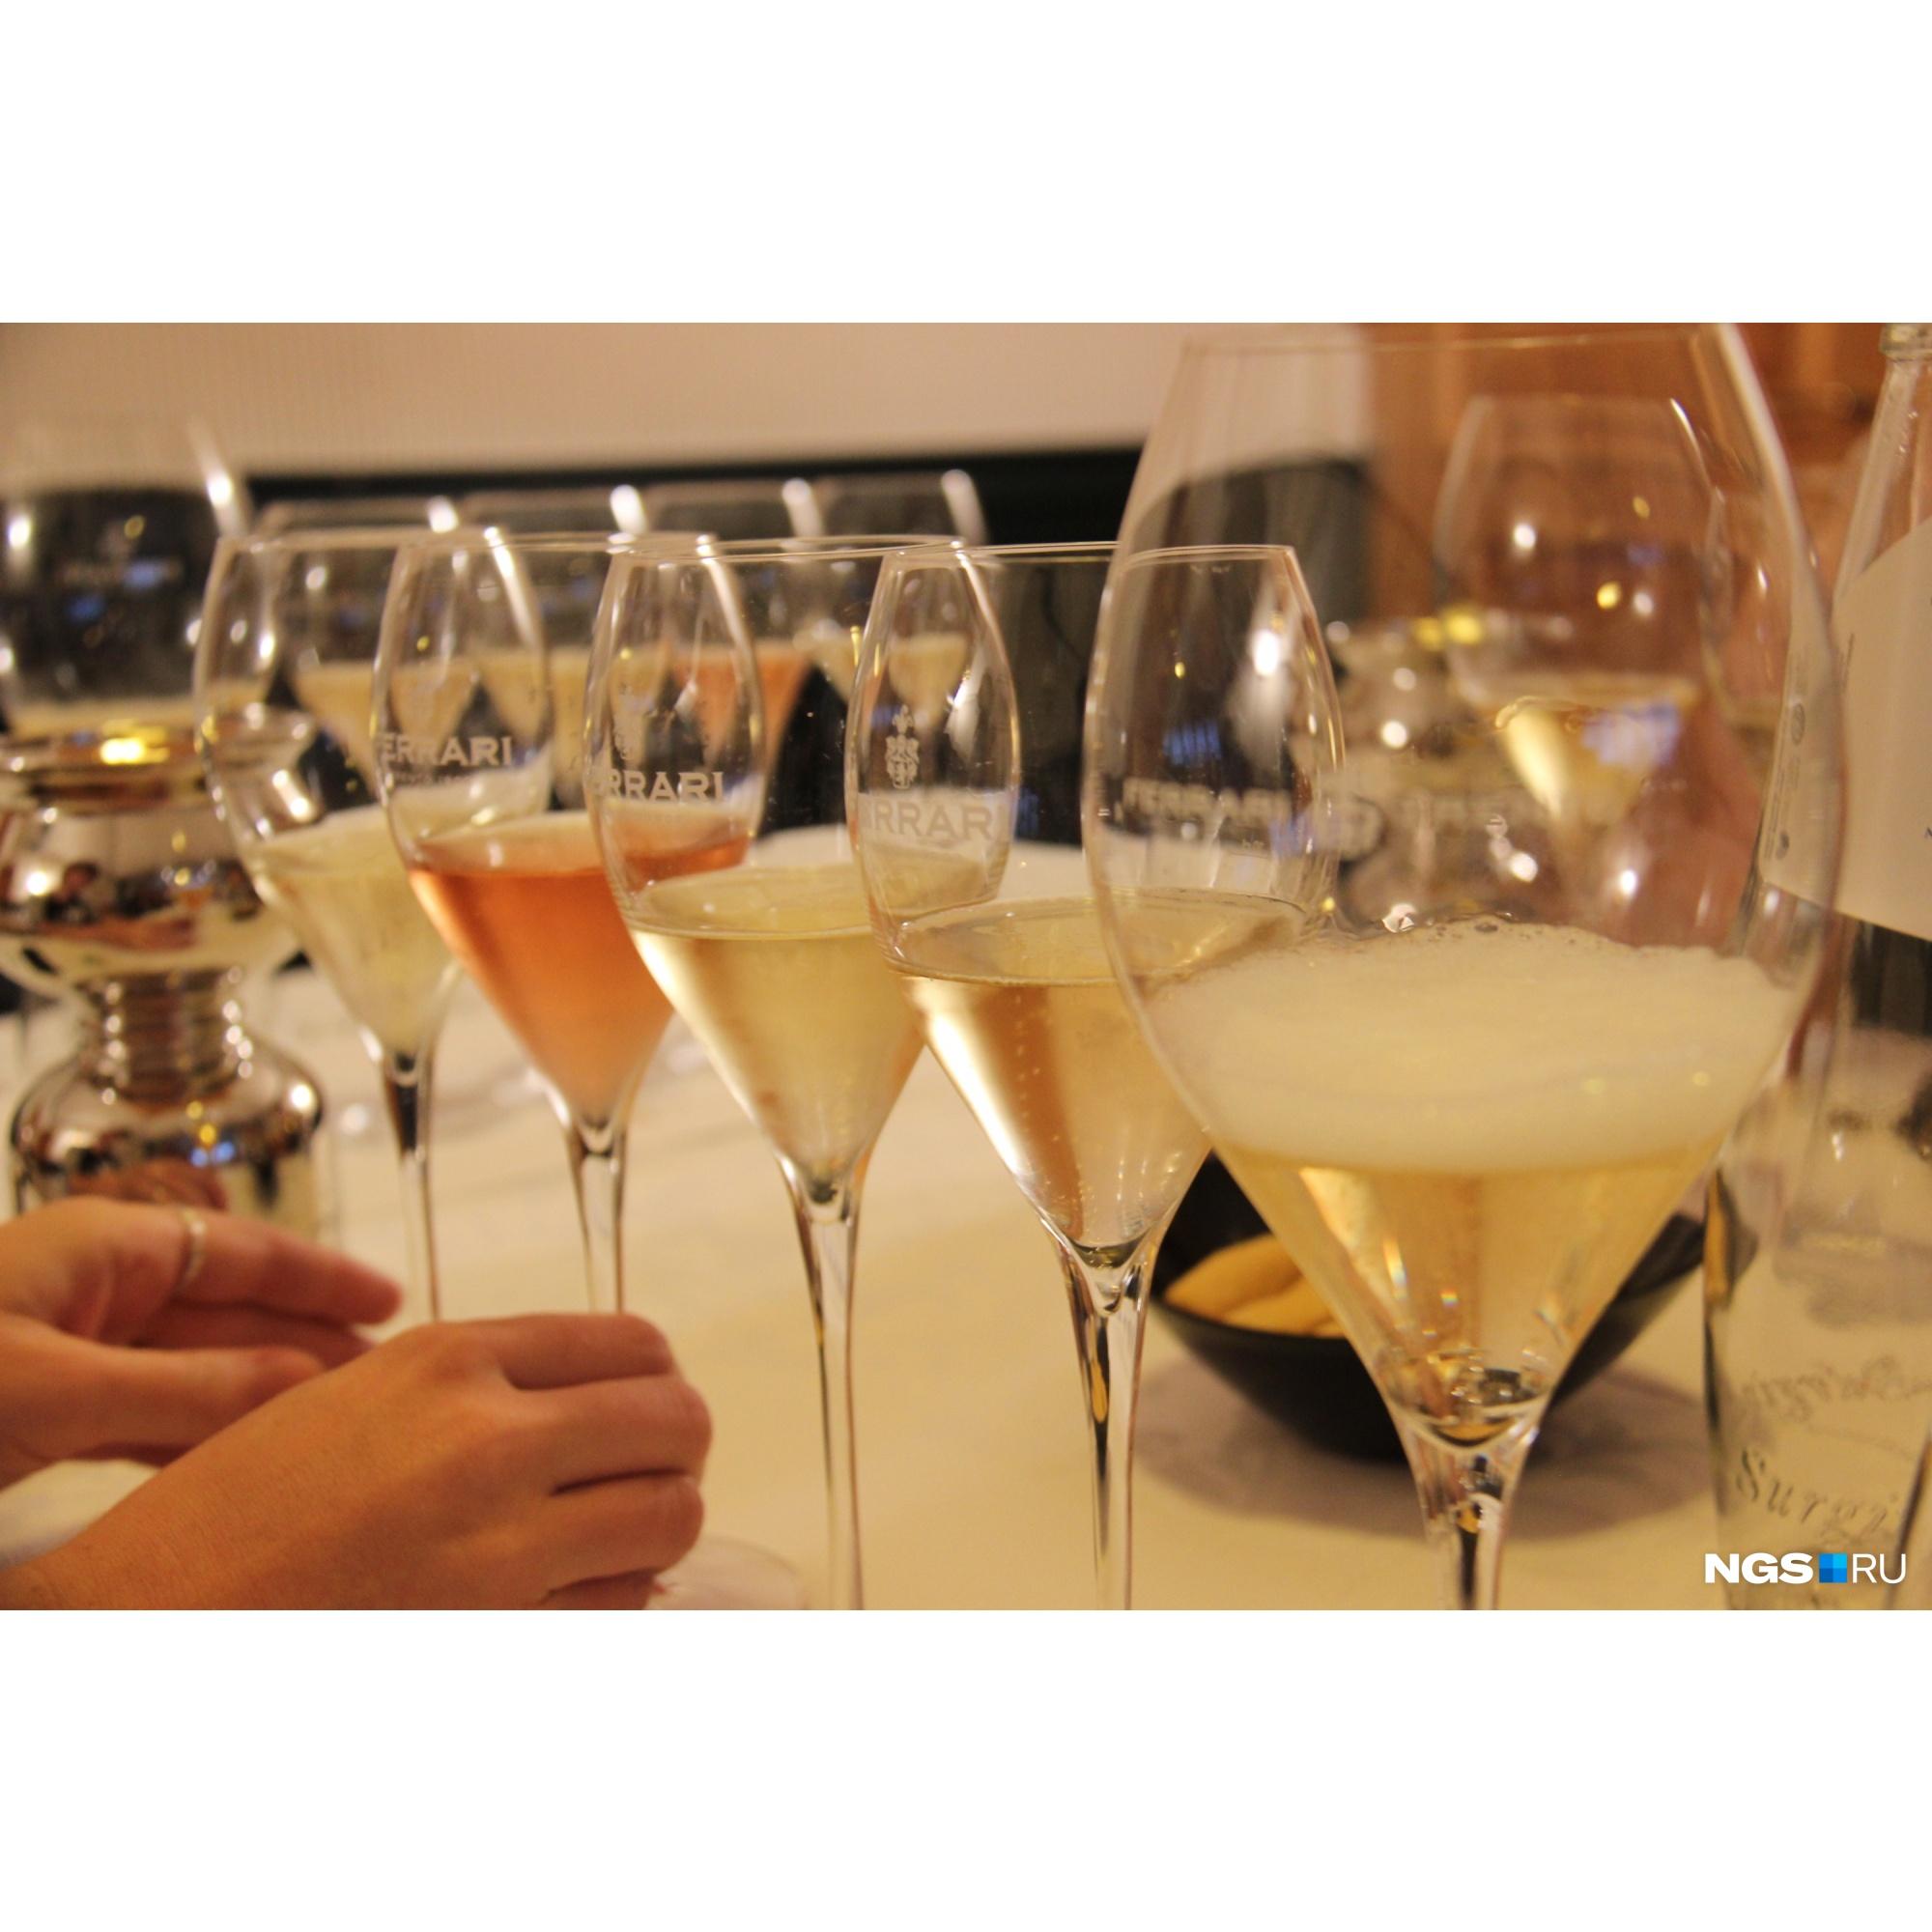 Вопреки расхожему убеждению шампанское необязательно подавать в тонких длинных бокалах. Вино высокого качества, наоборот, требует объёма